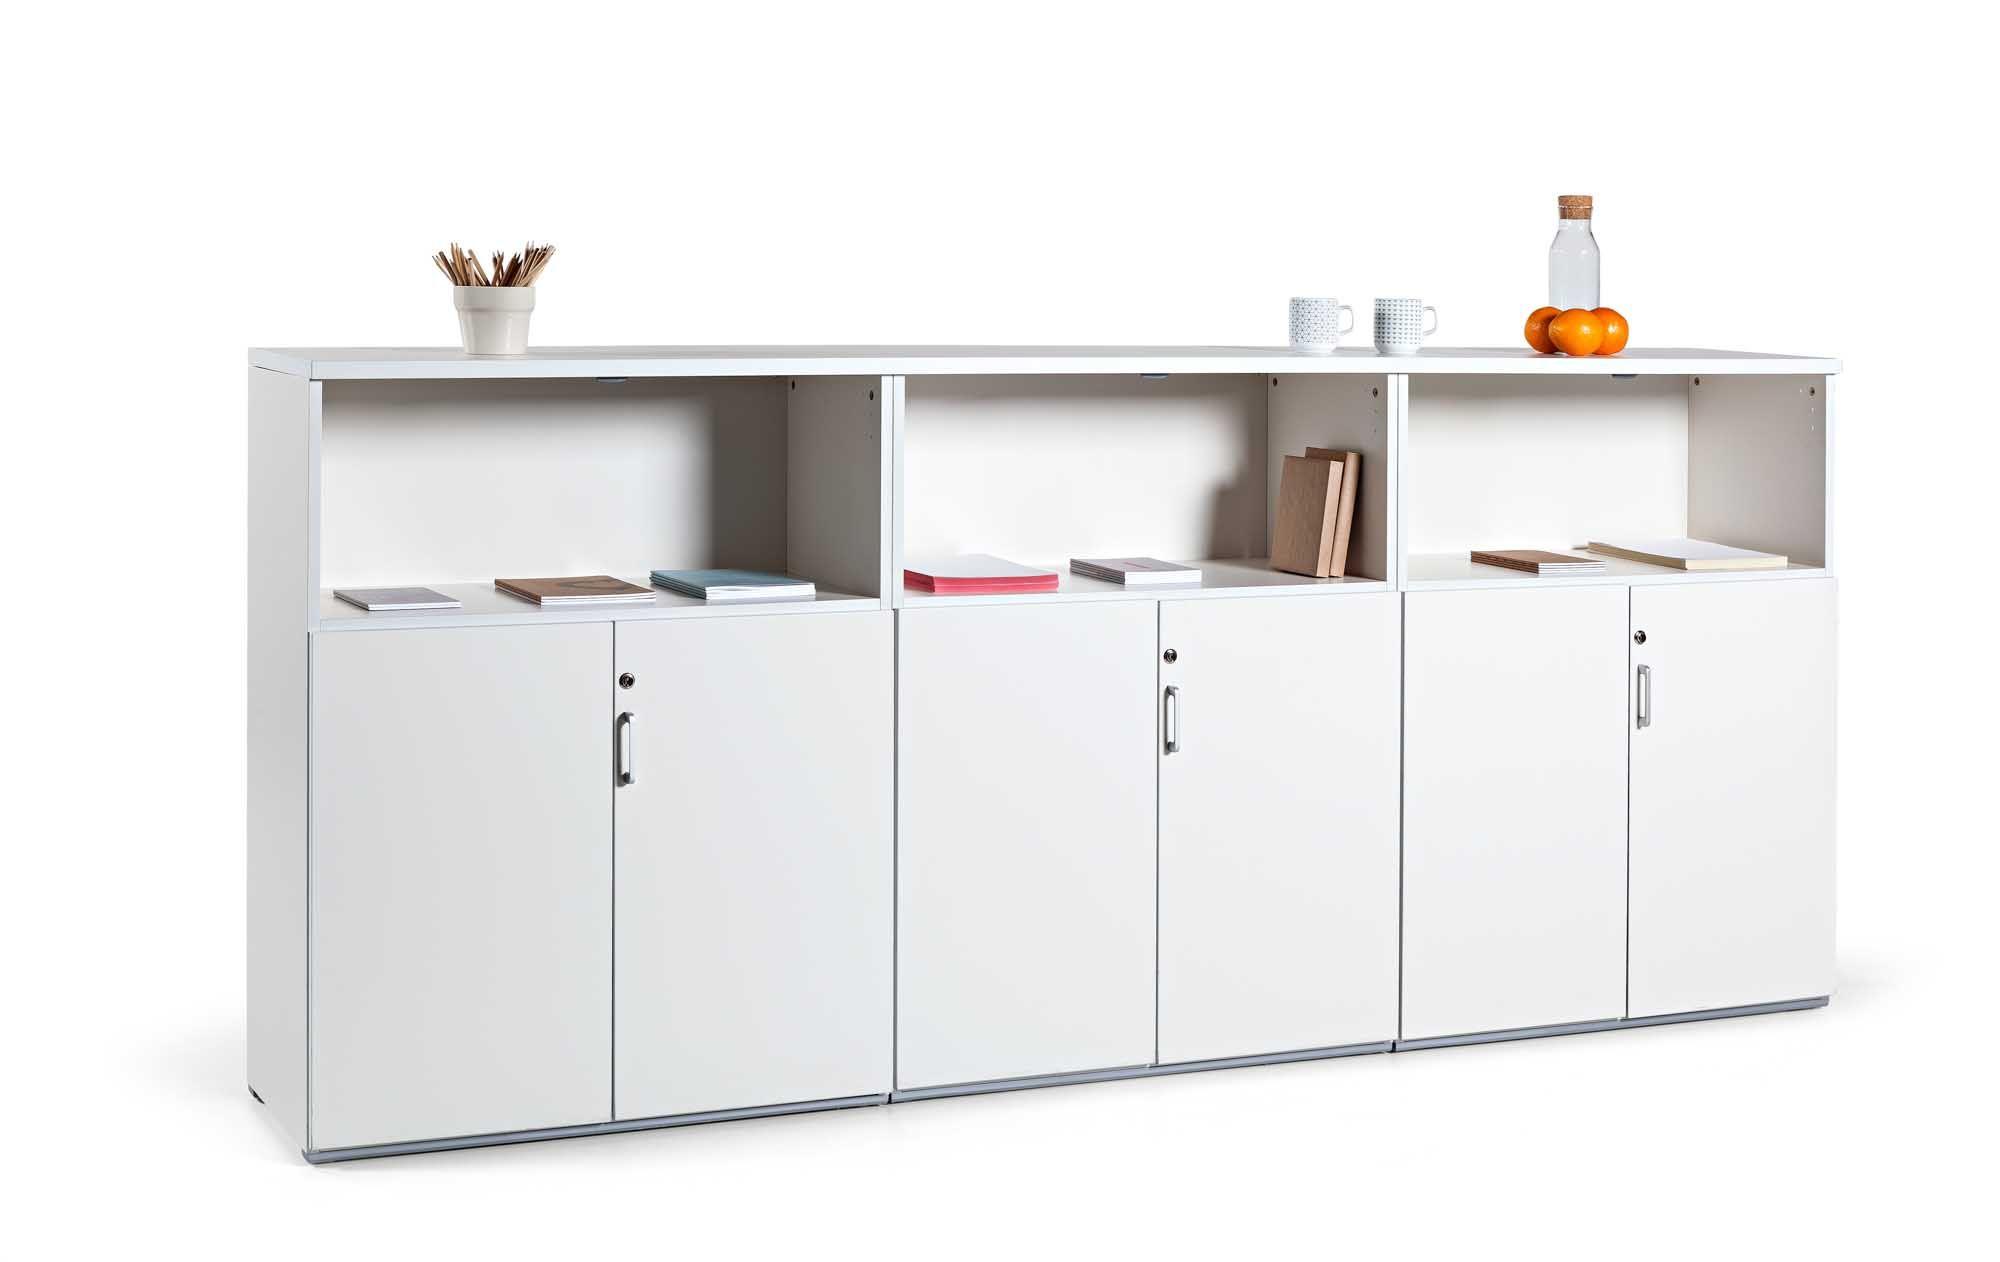 armarios modulares puertas con cerradura muebles de